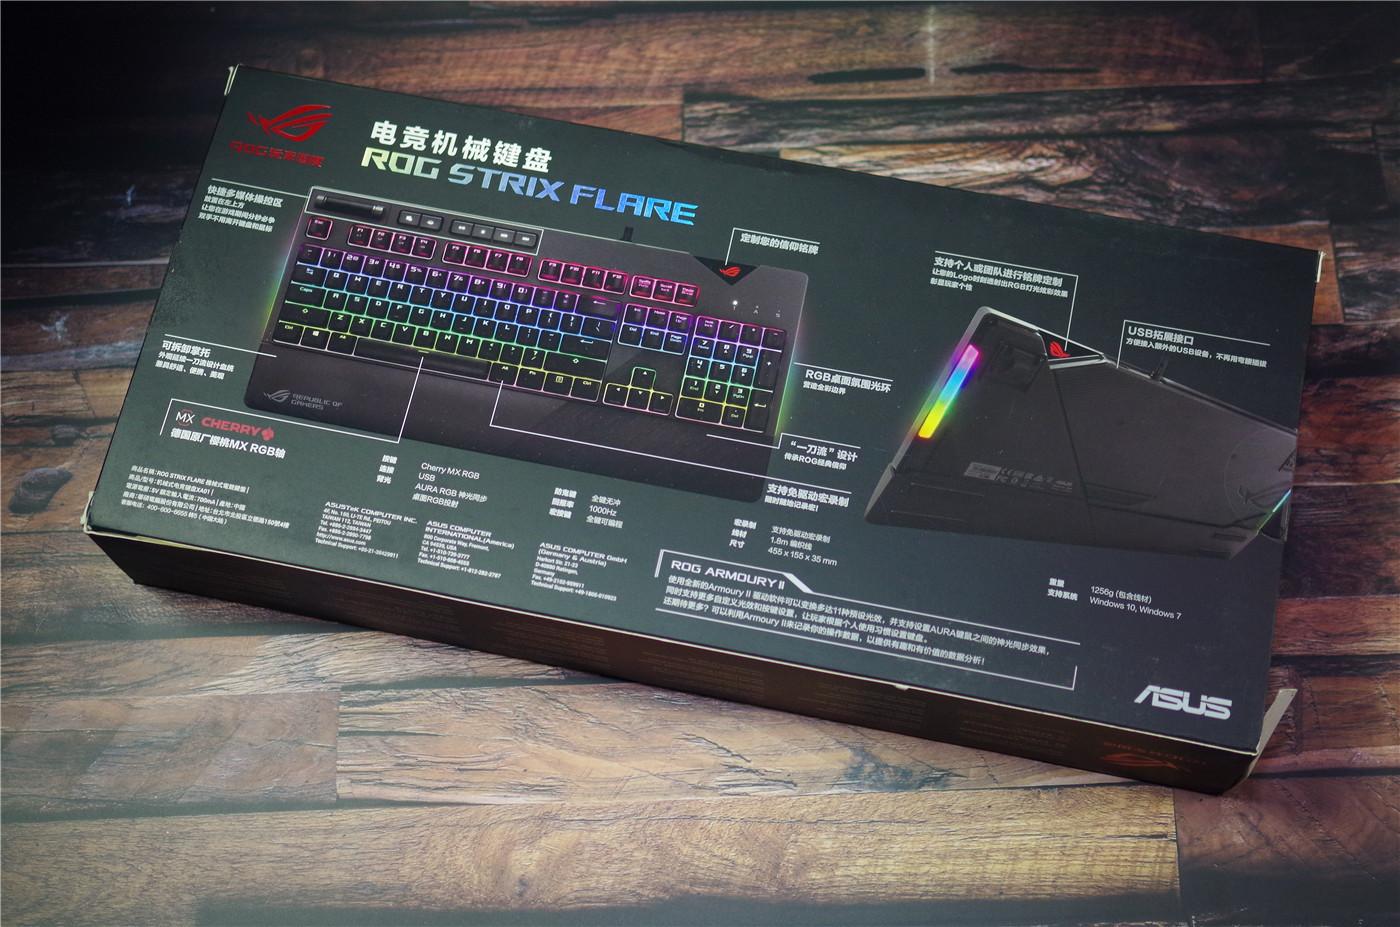 人人都爱,不买才怪,顶级光污染机械键盘——ROG Flare耀光